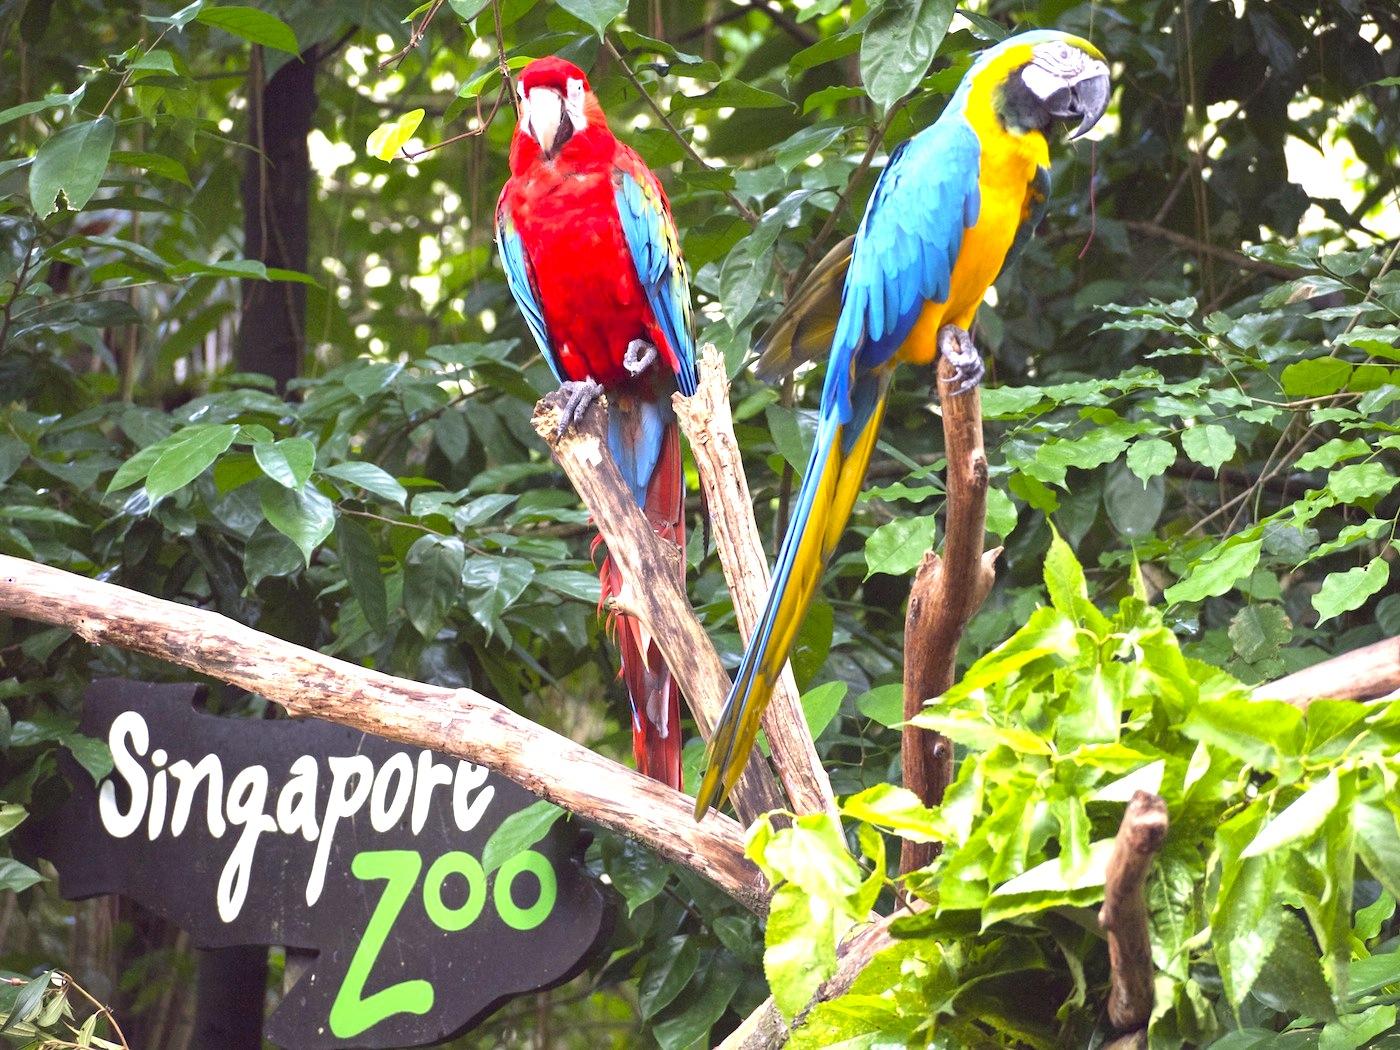 シンガポール動物園-singapore-zoo-オウム